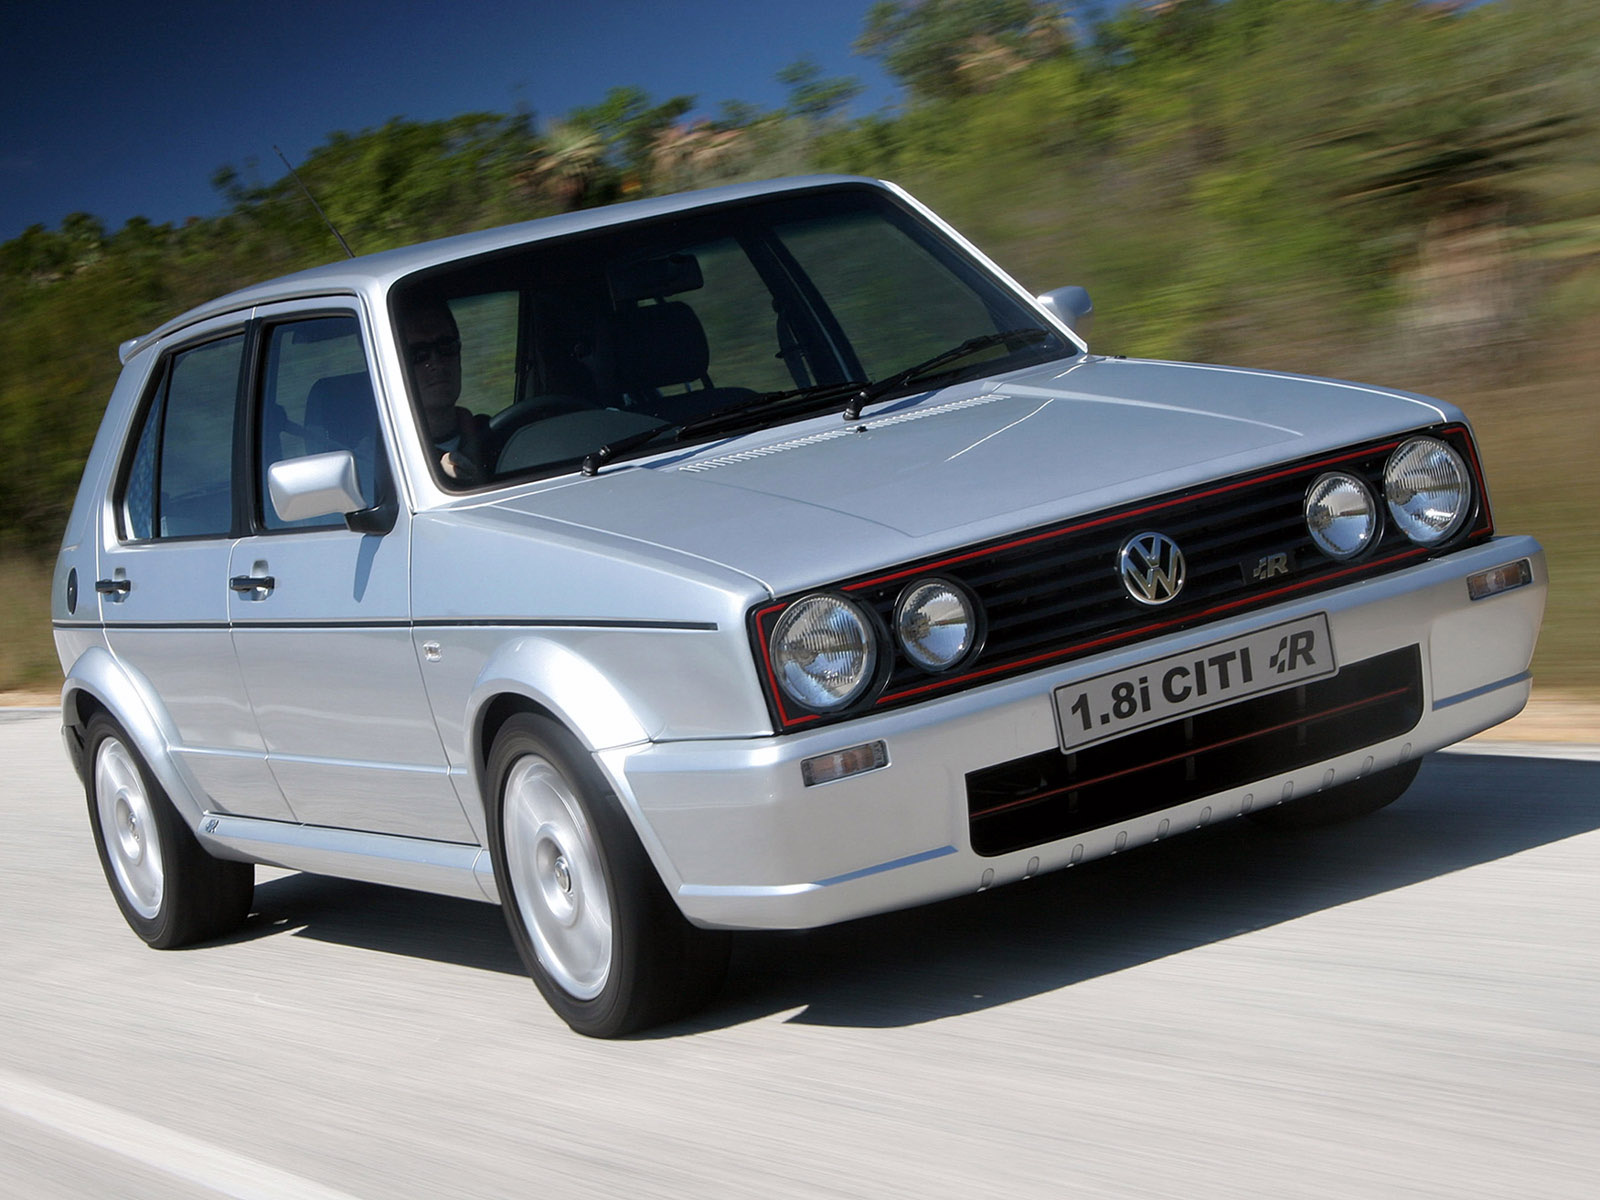 Used volkswagen citi alberton mitula cars - Volkswagen Citi Golf